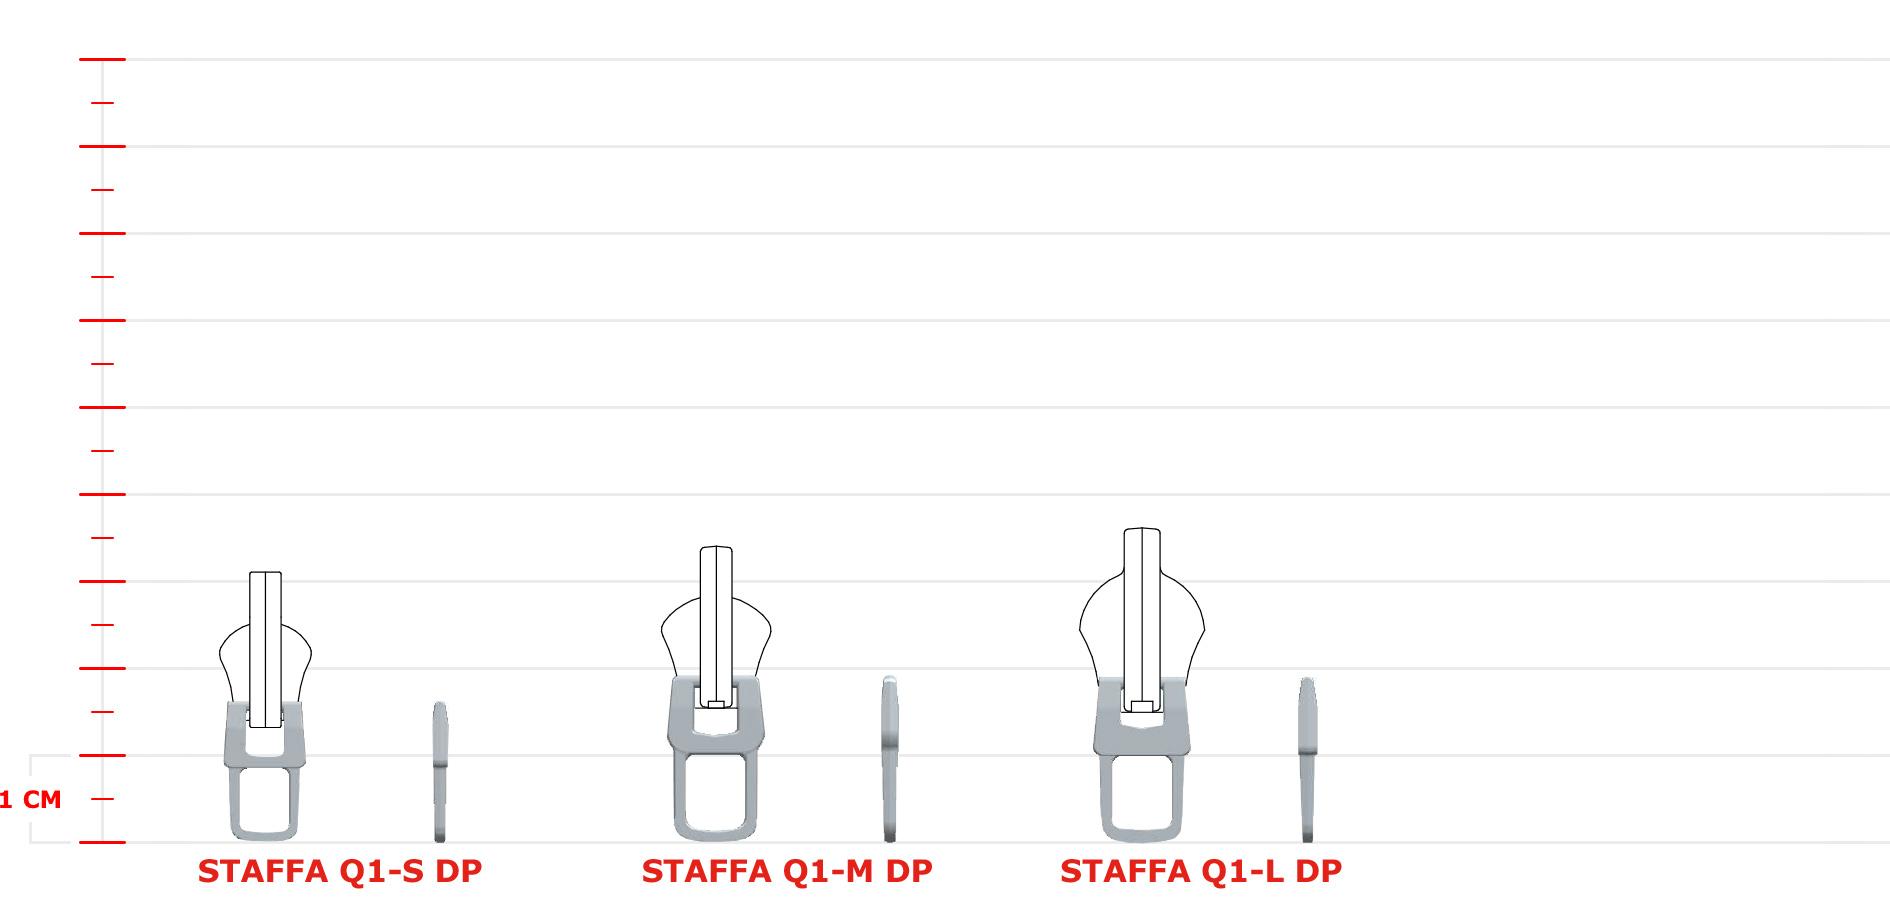 staffa-q1-dp